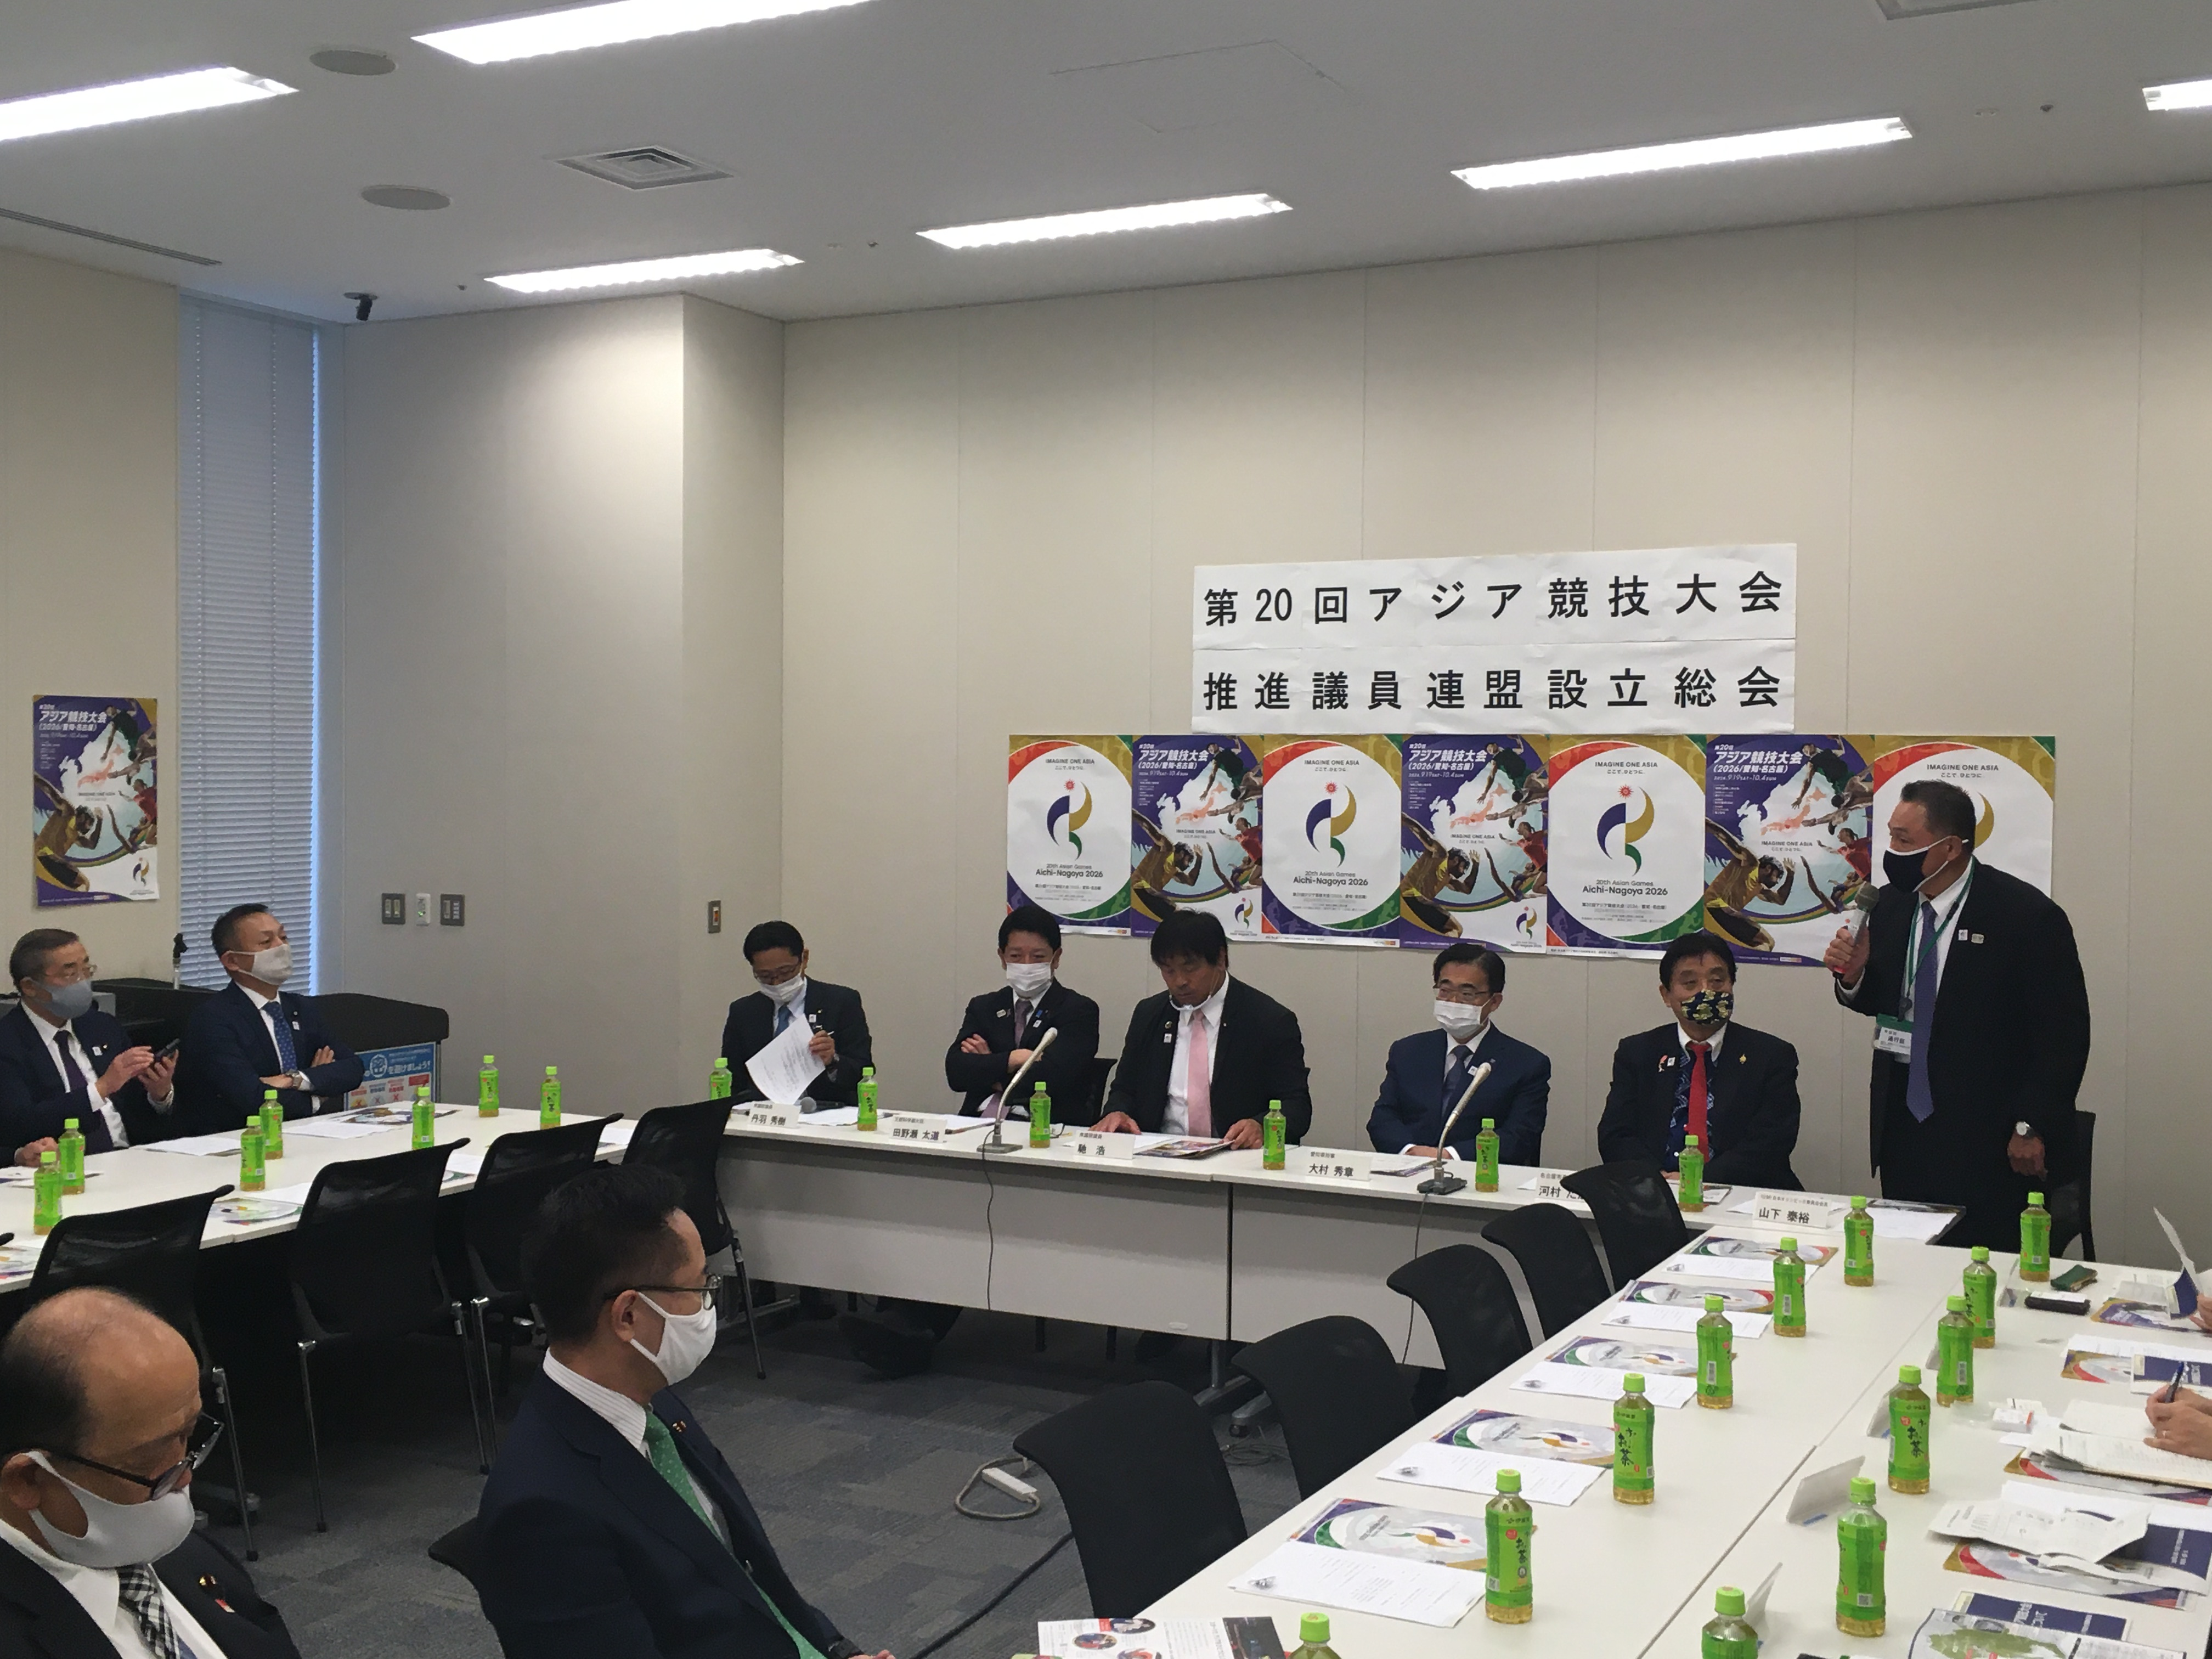 第20回アジア競技大会推進議員連盟設立総会